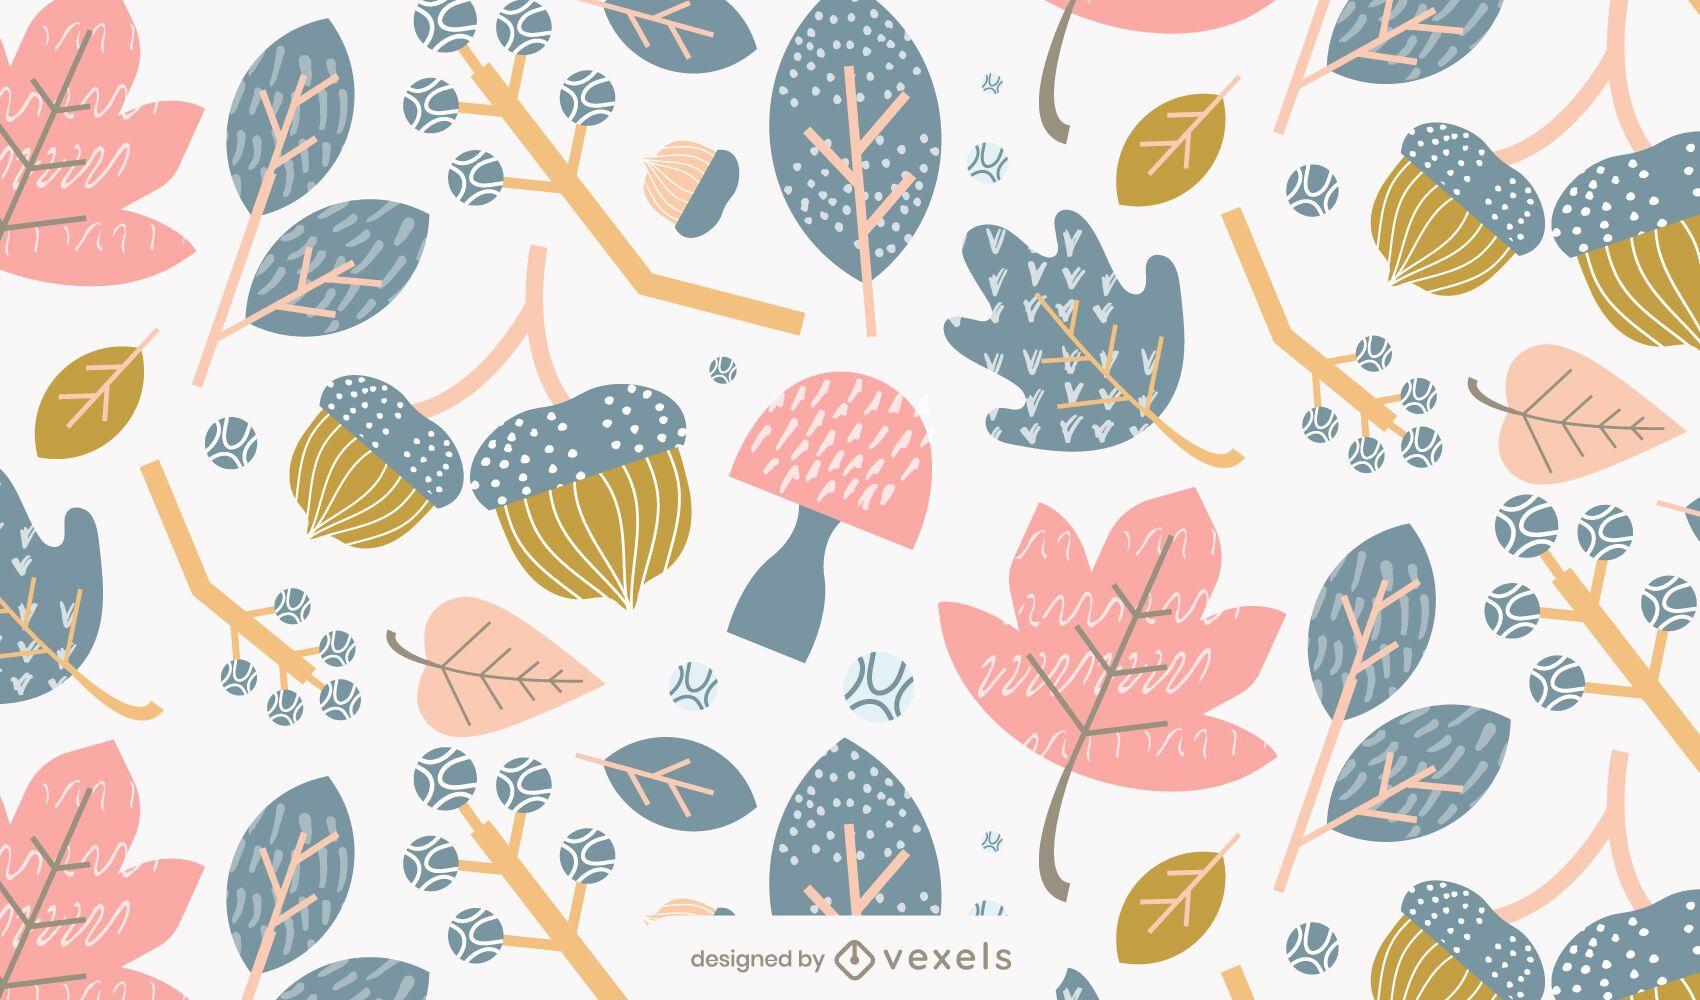 diseño de patrón de caída de hojas